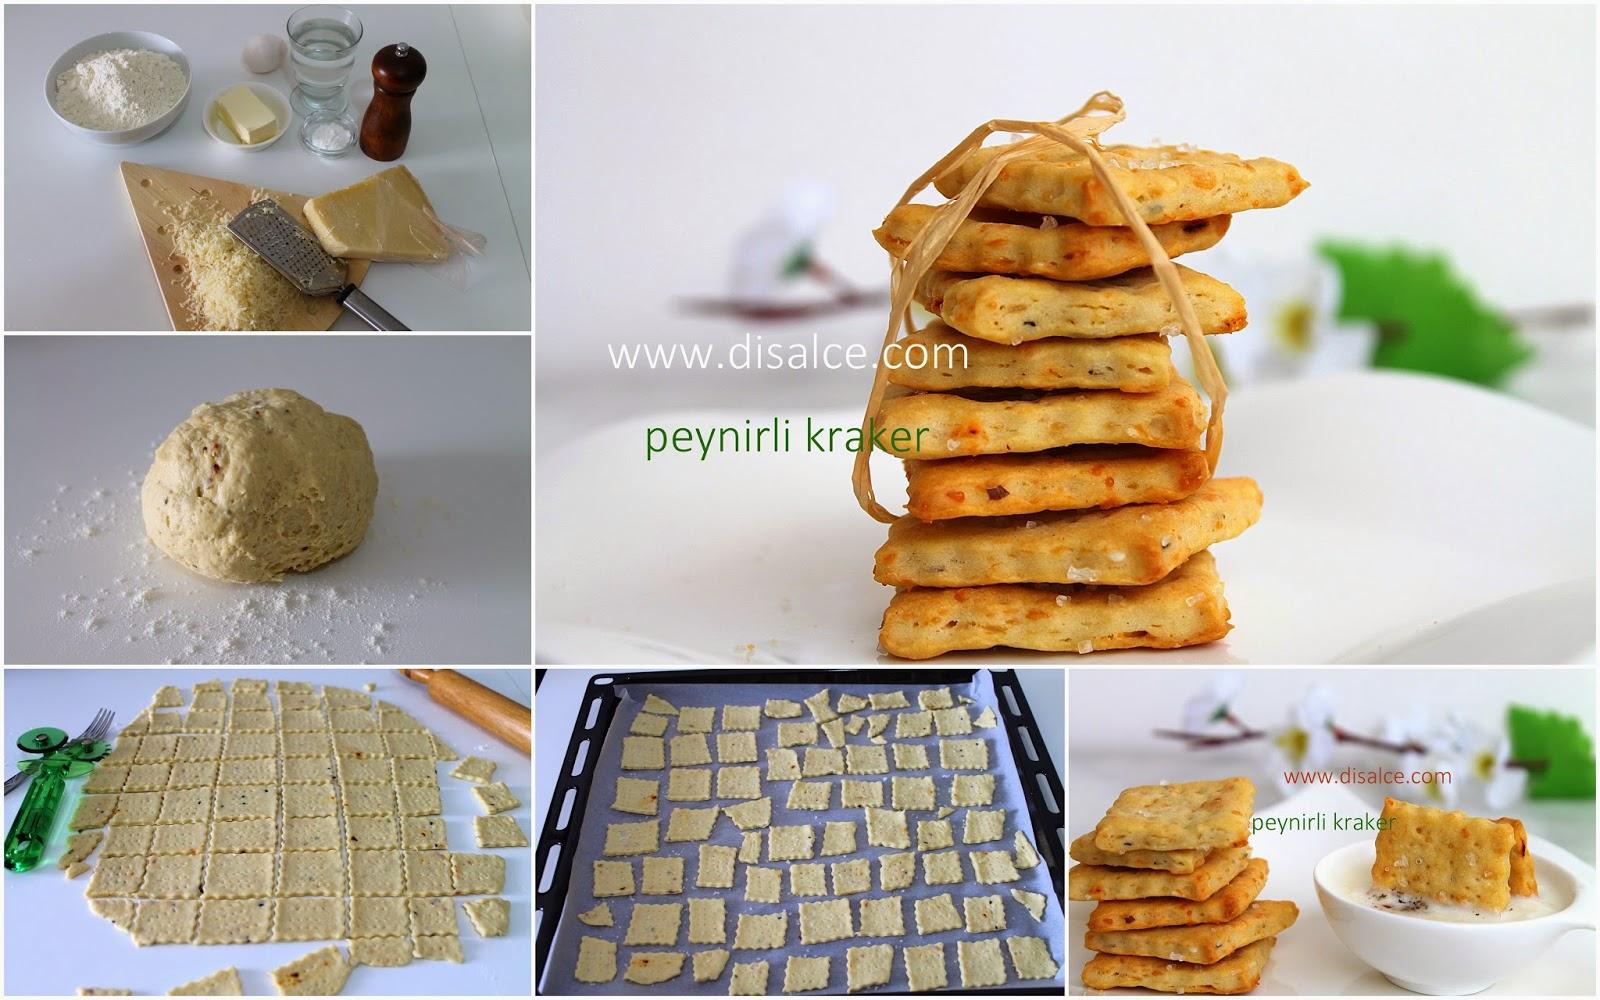 peynirli kraker